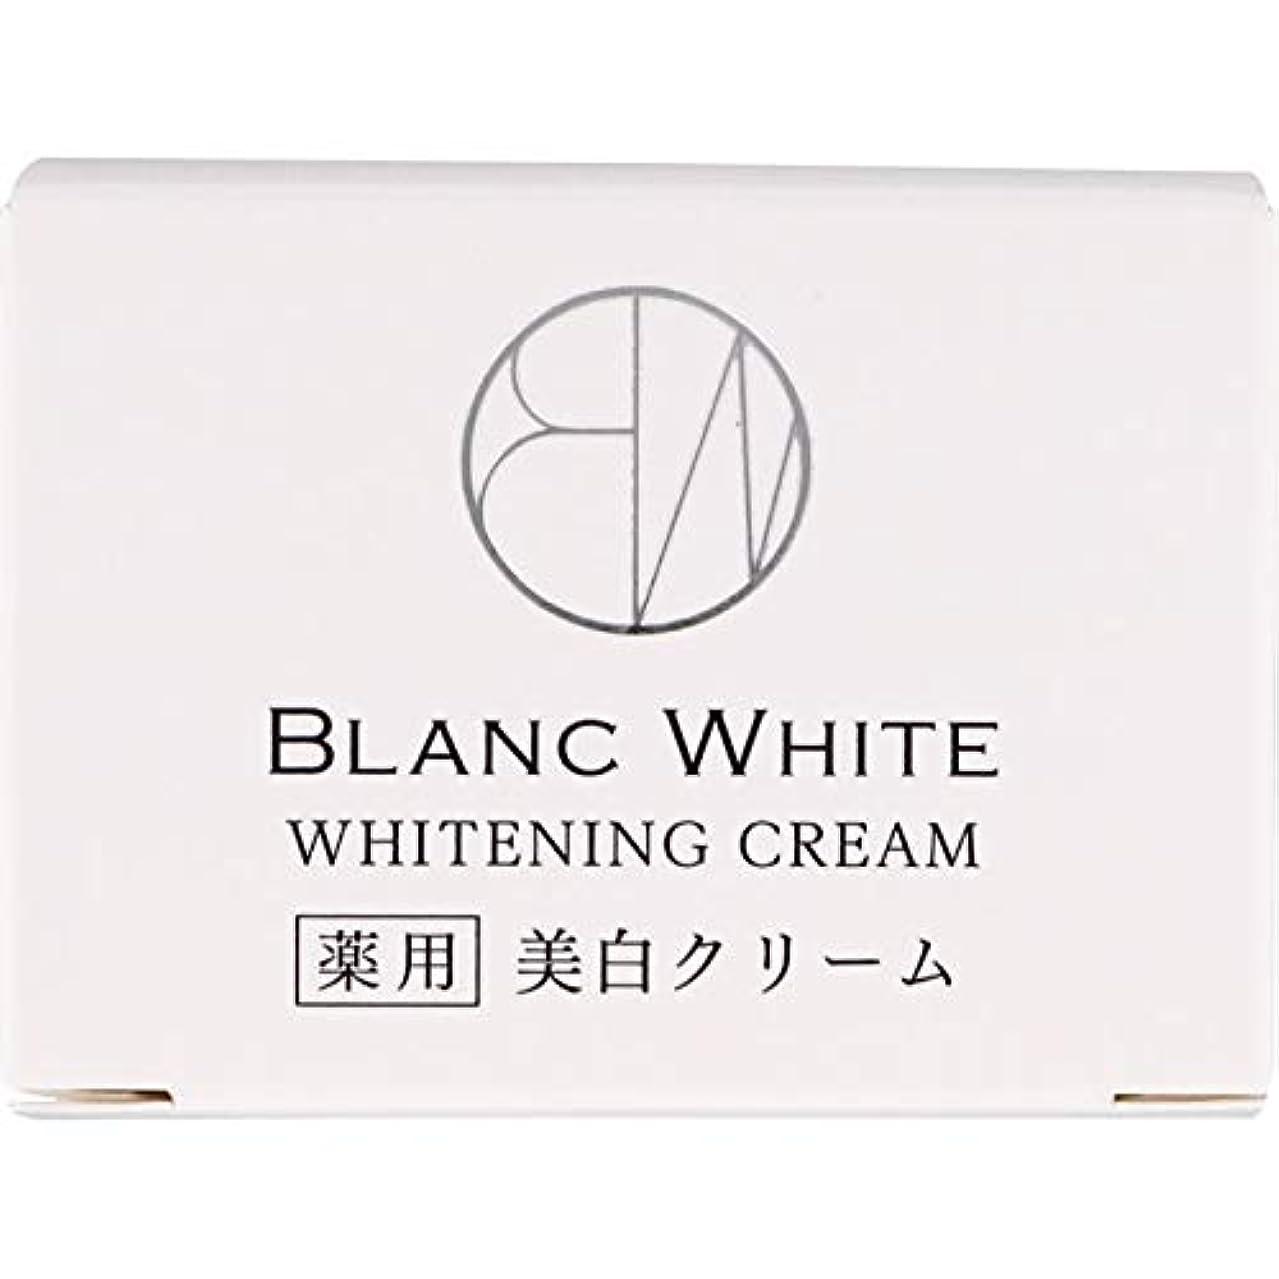 一杯南東ベースブランホワイト ホワイトニング クリーム 45g